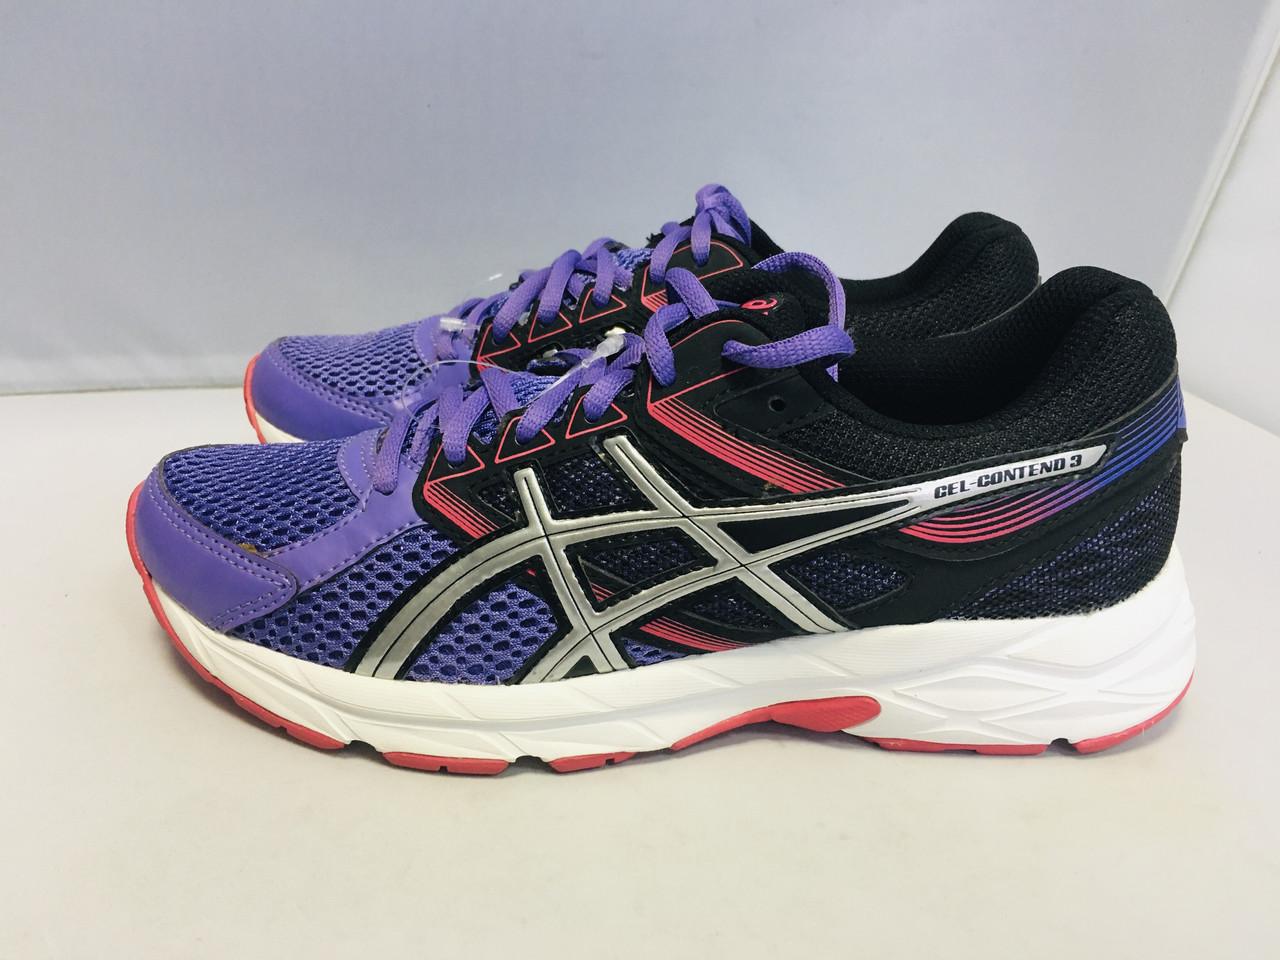 Женские кроссовки ASICS Gel-Conteno 3, 37 размер